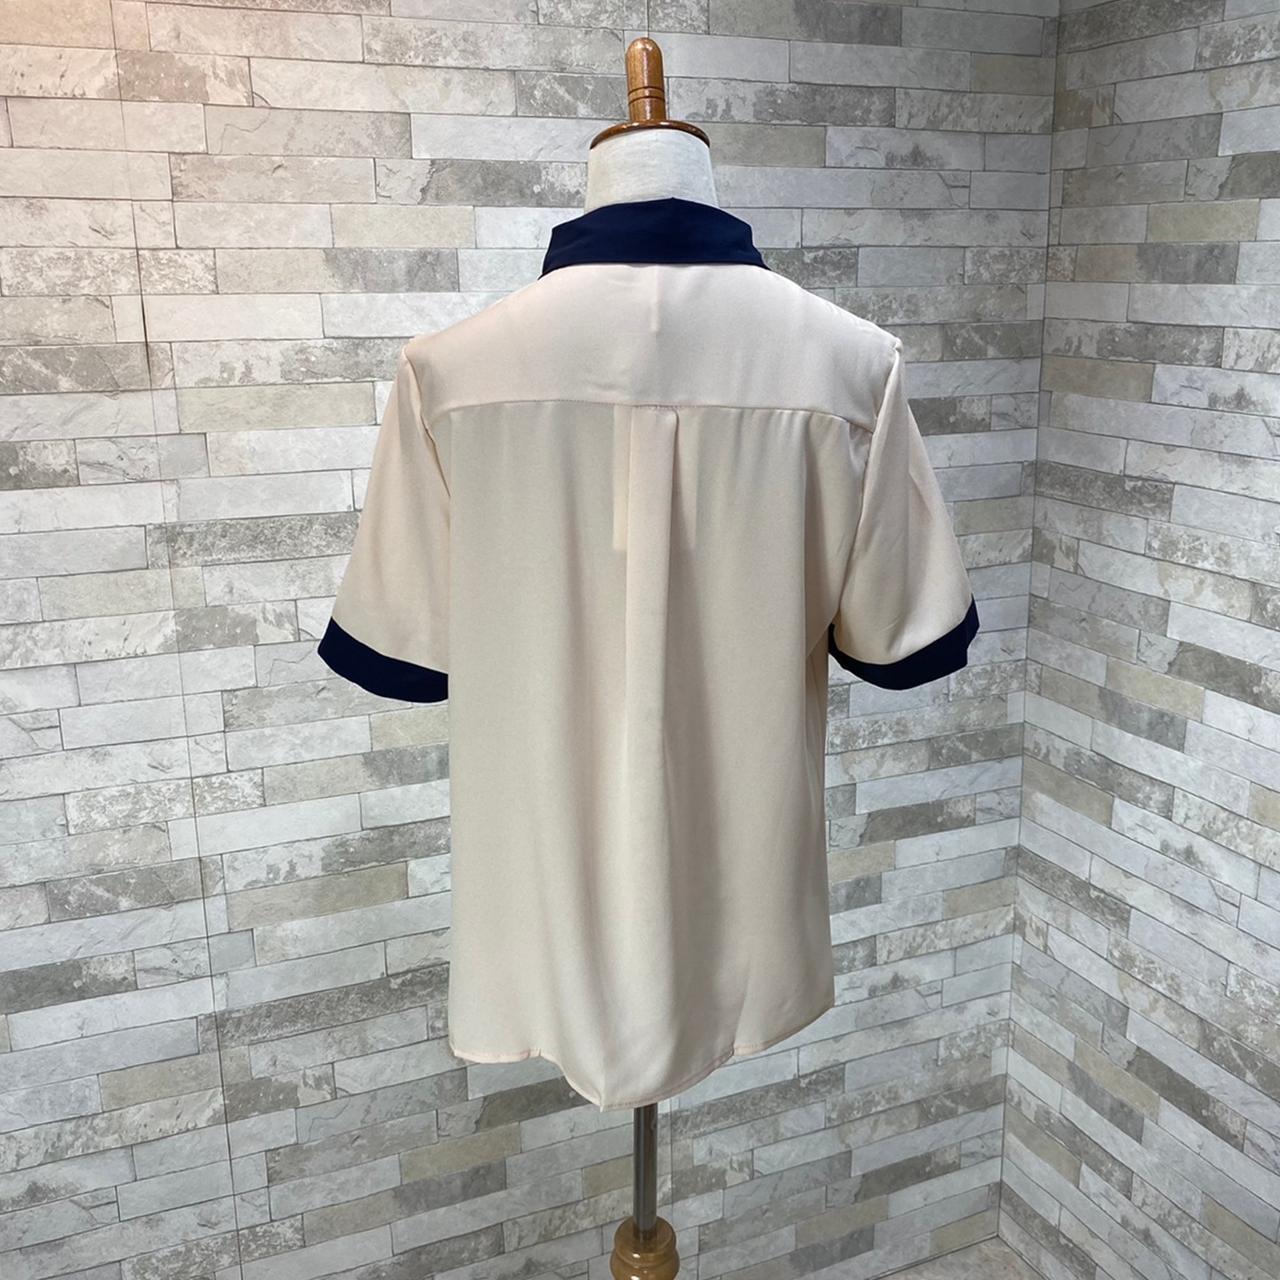 韓国 ファッション トップス ブラウス シャツ 夏 春 カジュアル PTXI735  シアー 襟付き トリコロール プレッピー オルチャン シンプル 定番 セレカジの写真18枚目